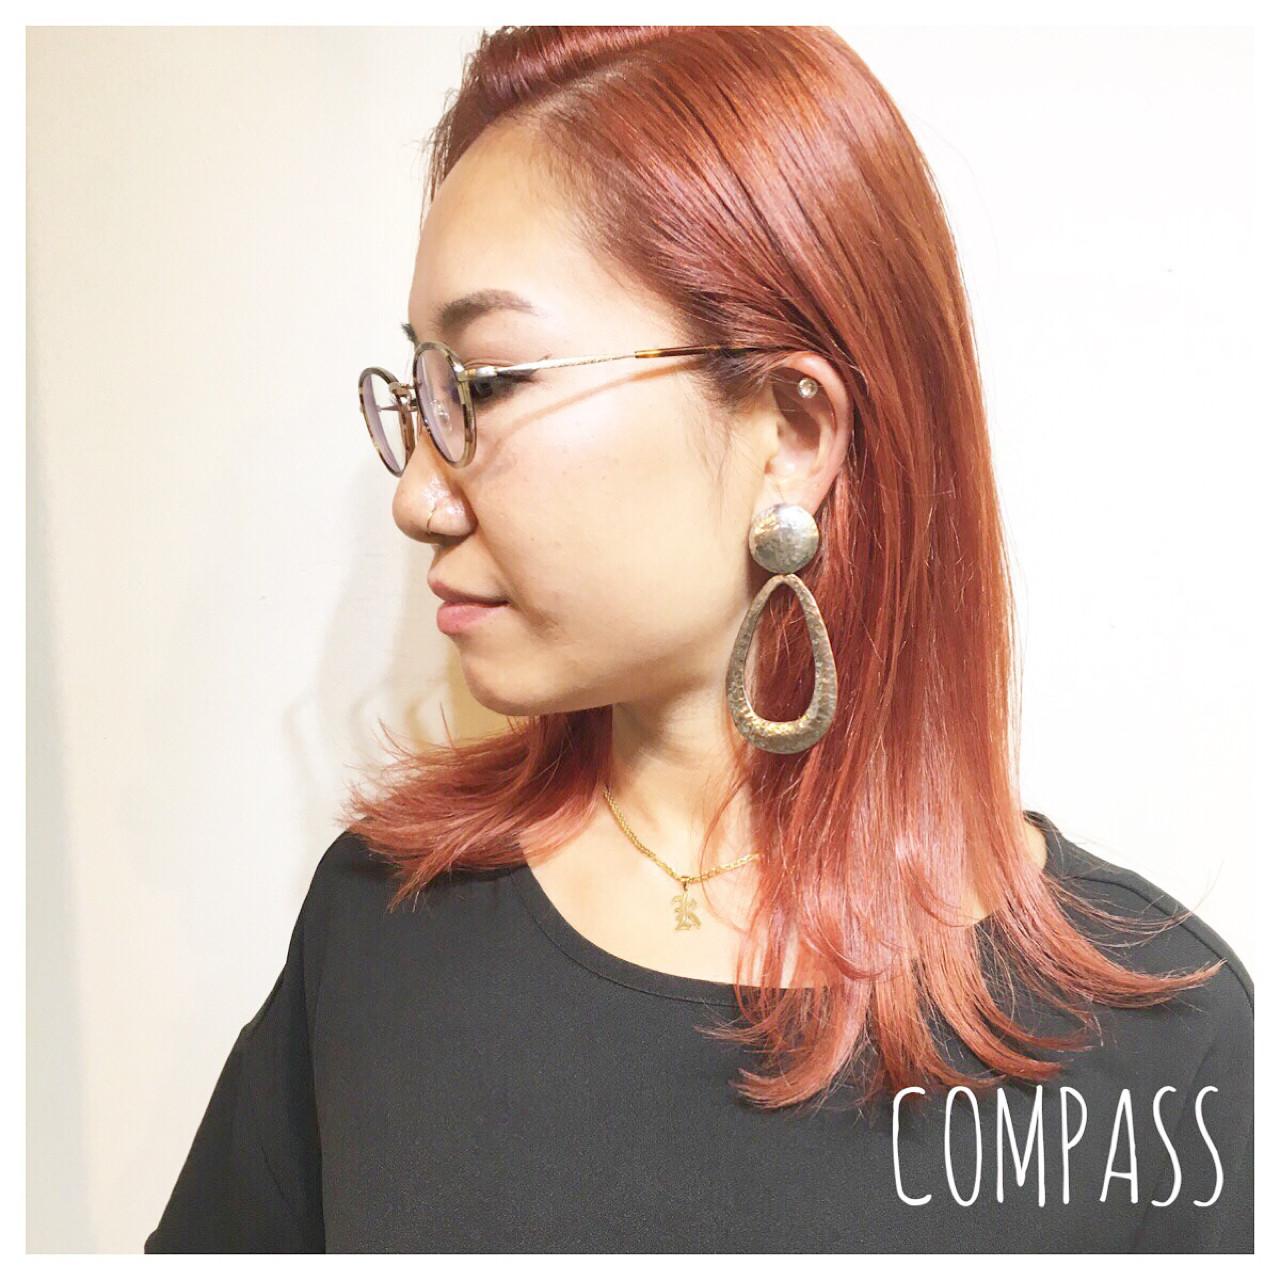 アンニュイ リラックス アプリコットオレンジ セミロング ヘアスタイルや髪型の写真・画像